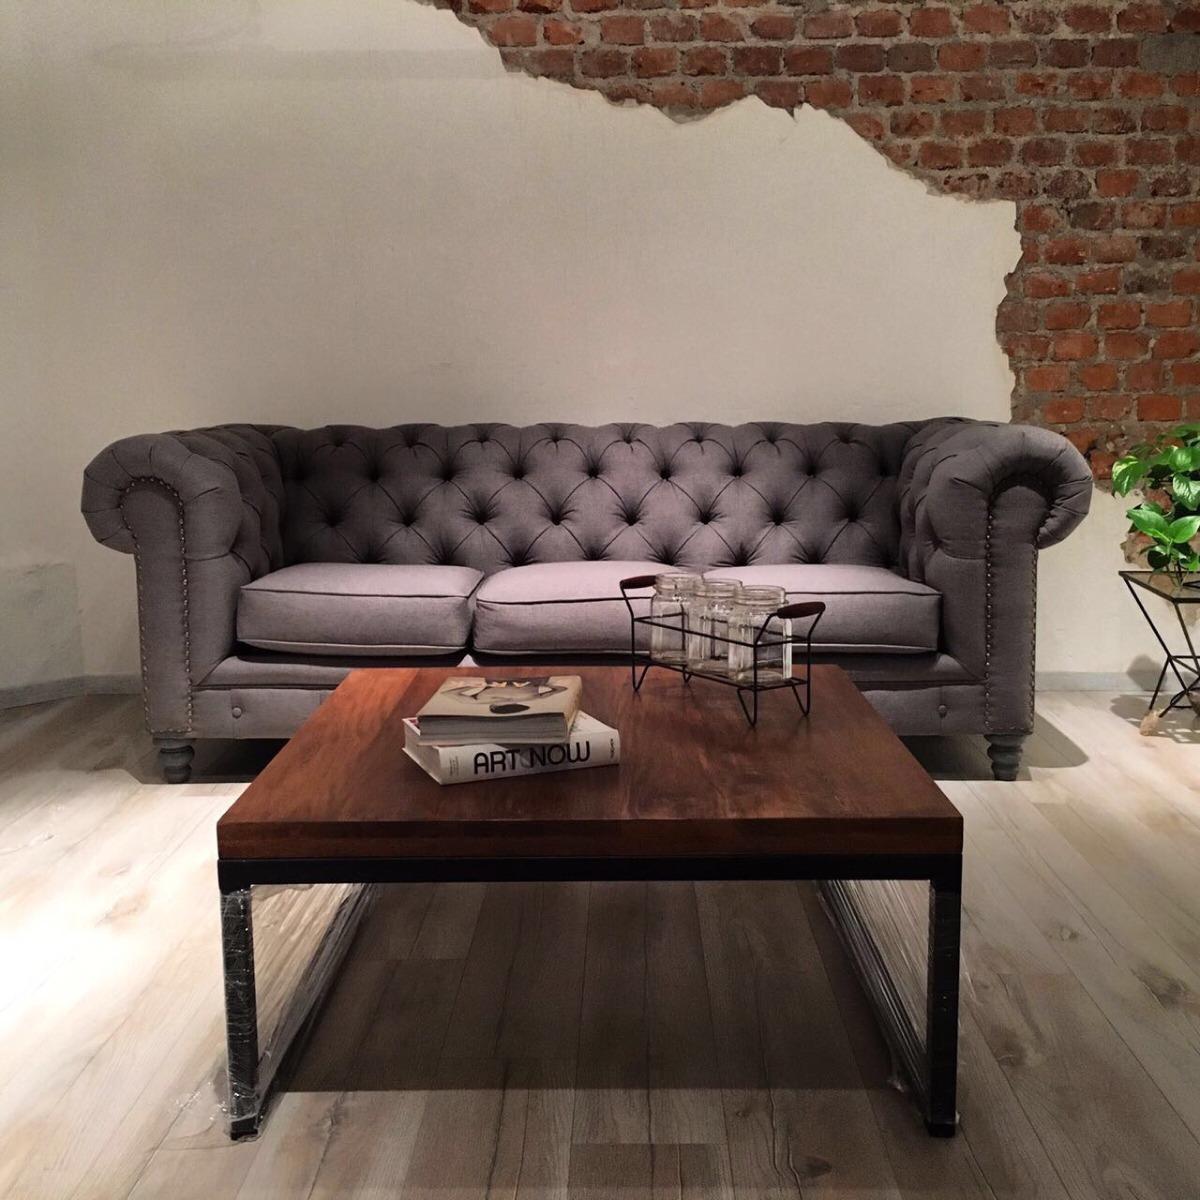 Atractivo Muebles De Madera Sofá Fotos - Muebles Para Ideas de ...